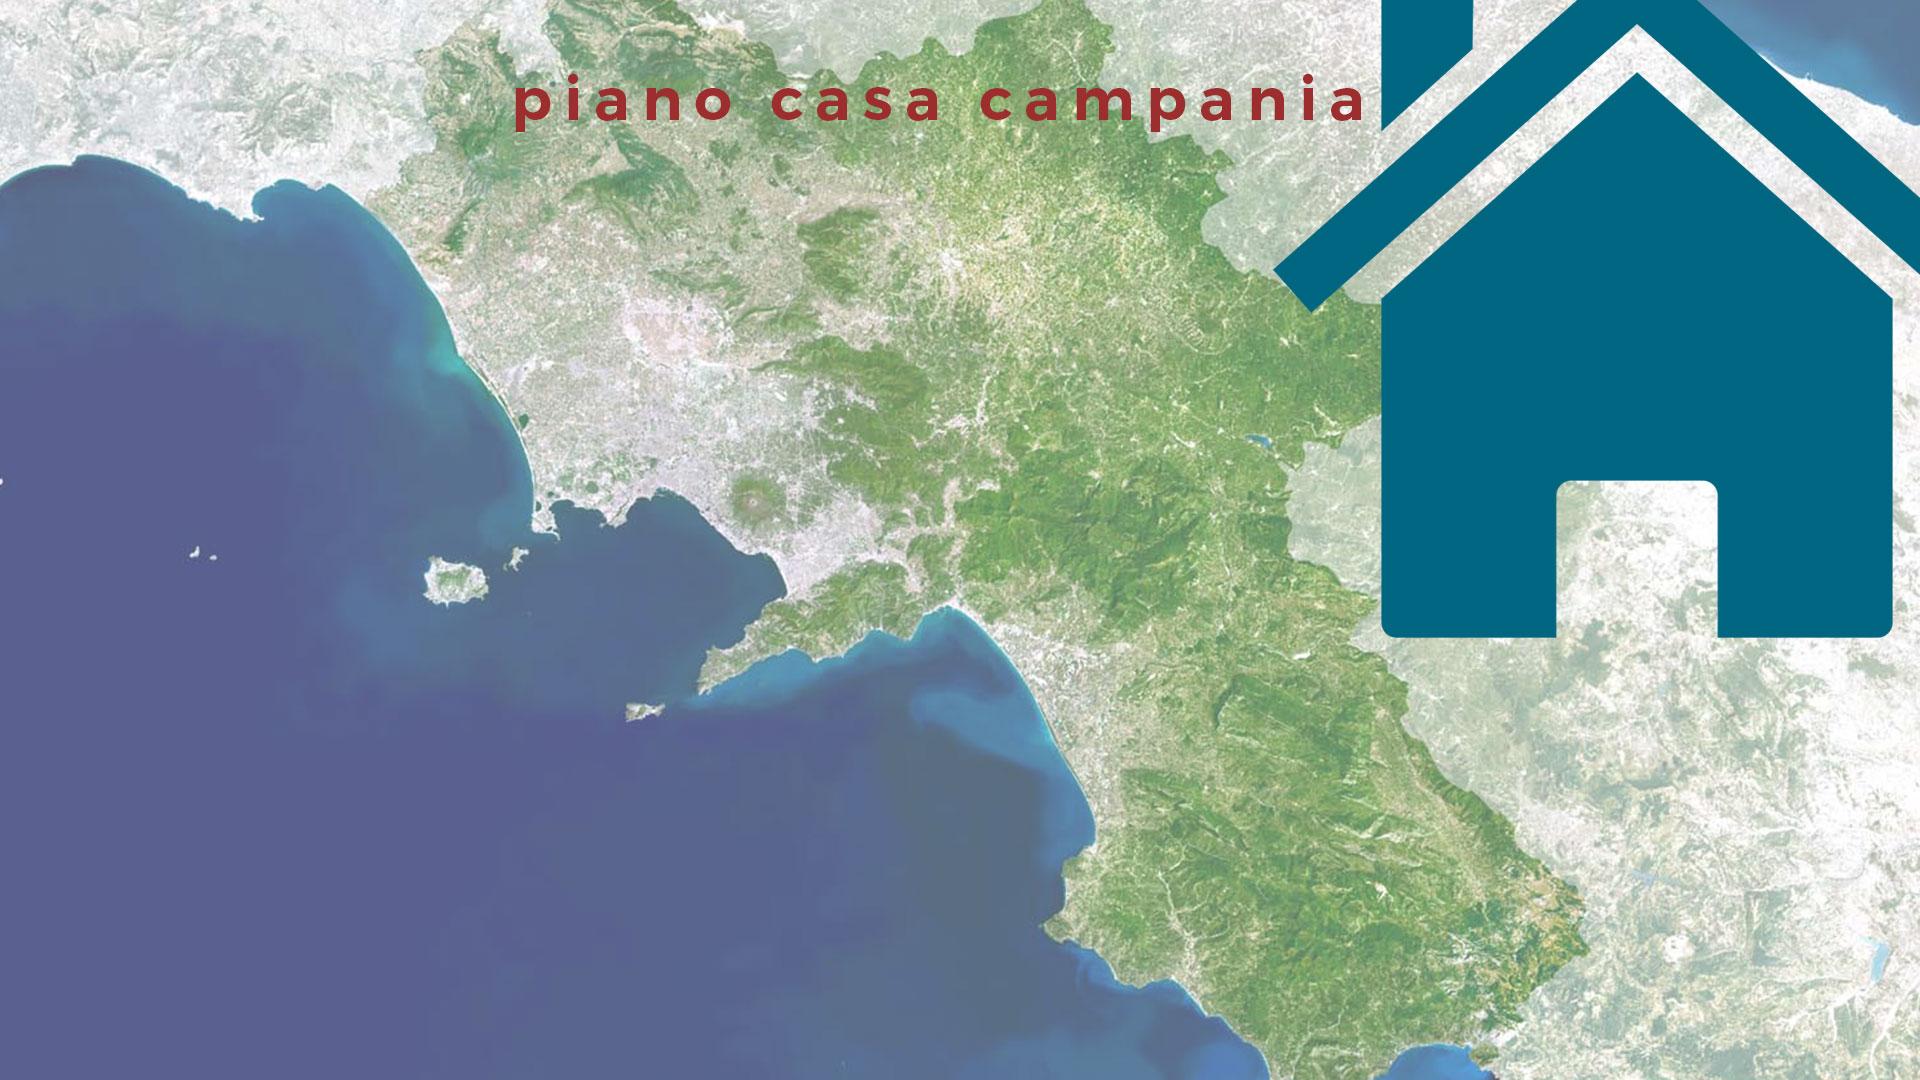 Servizi - Regione campania piano casa ...